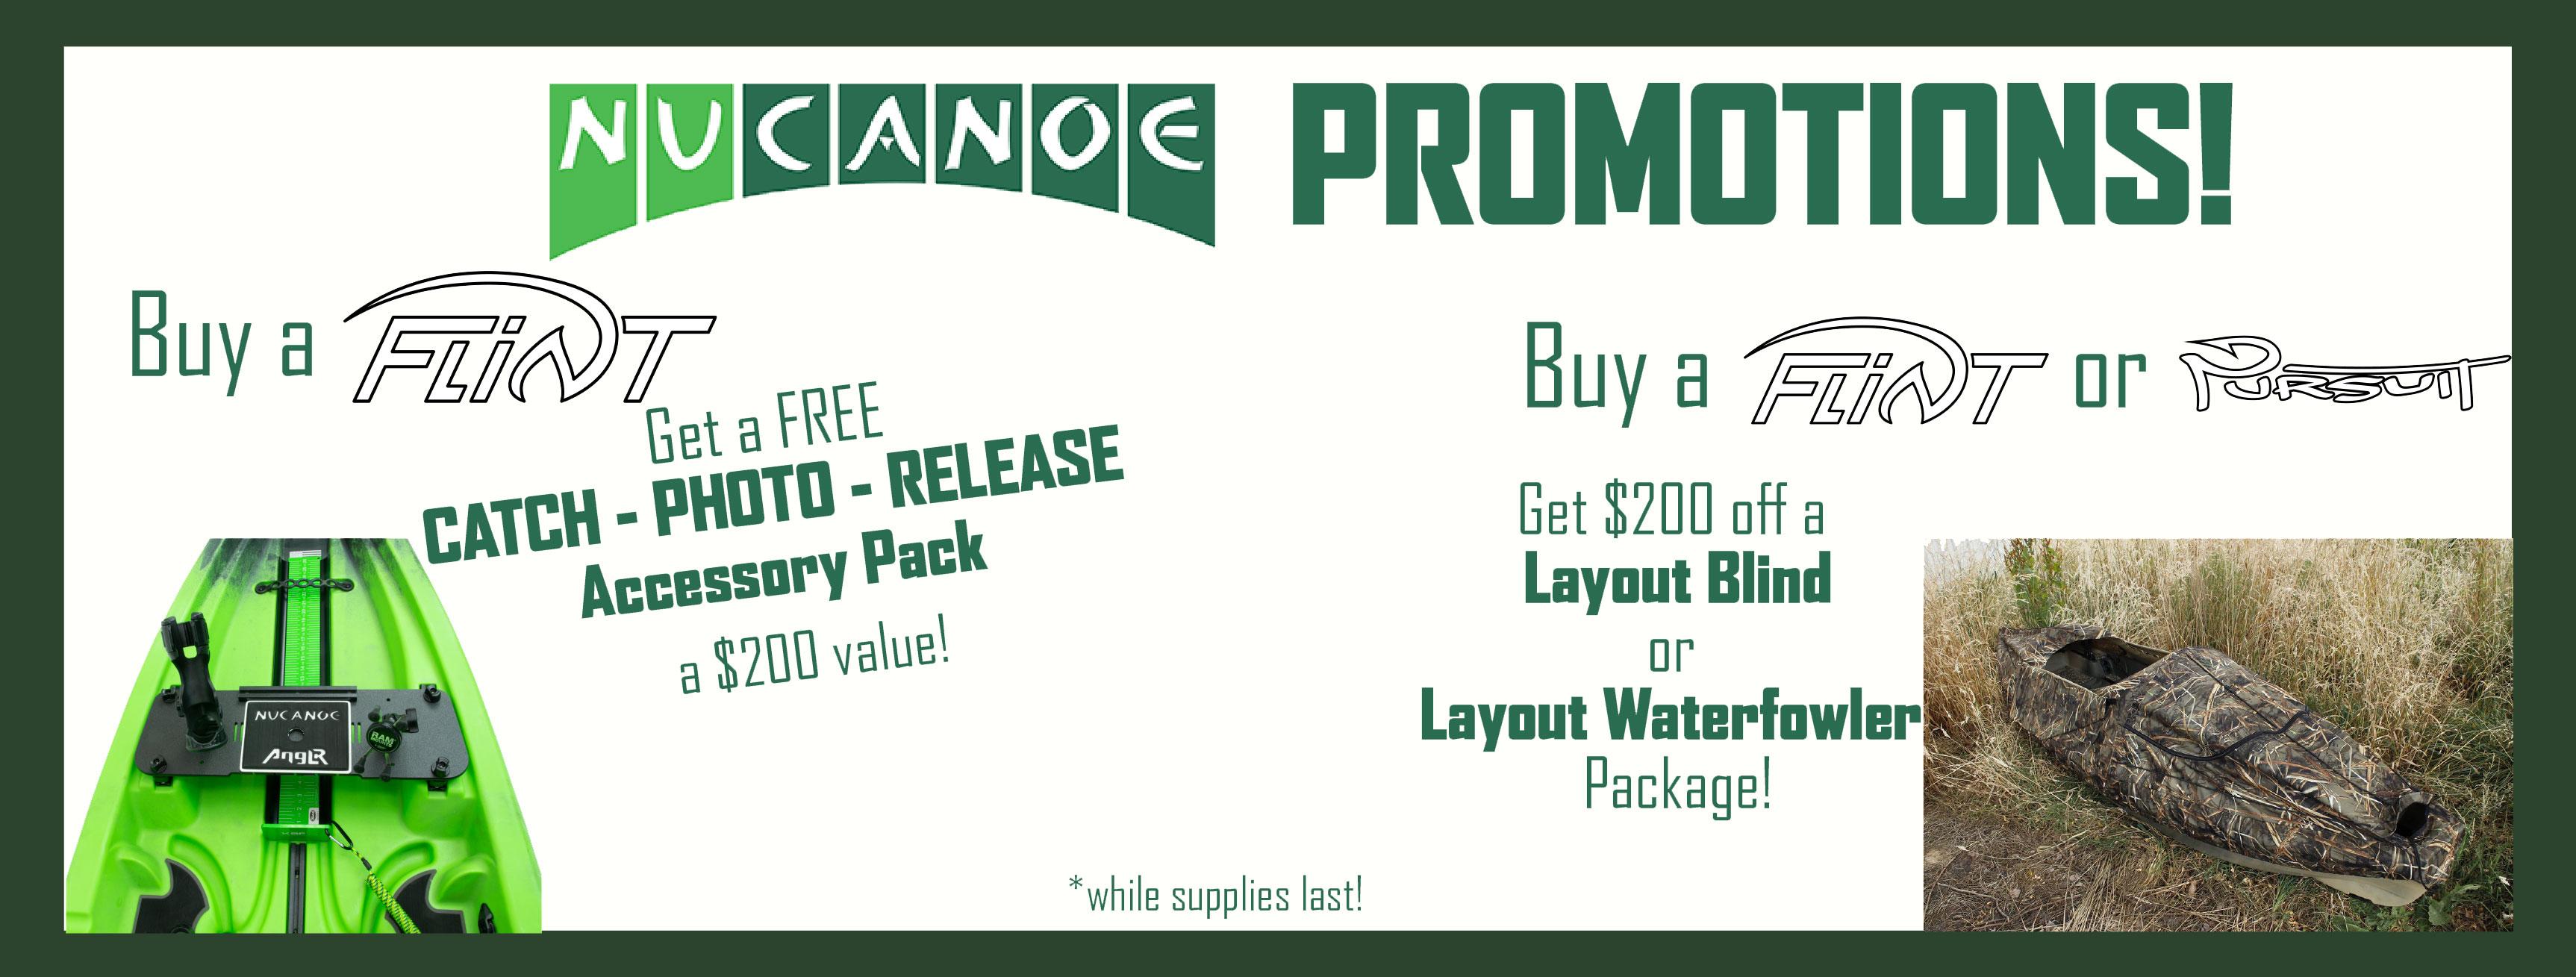 Nucanoe Promotions